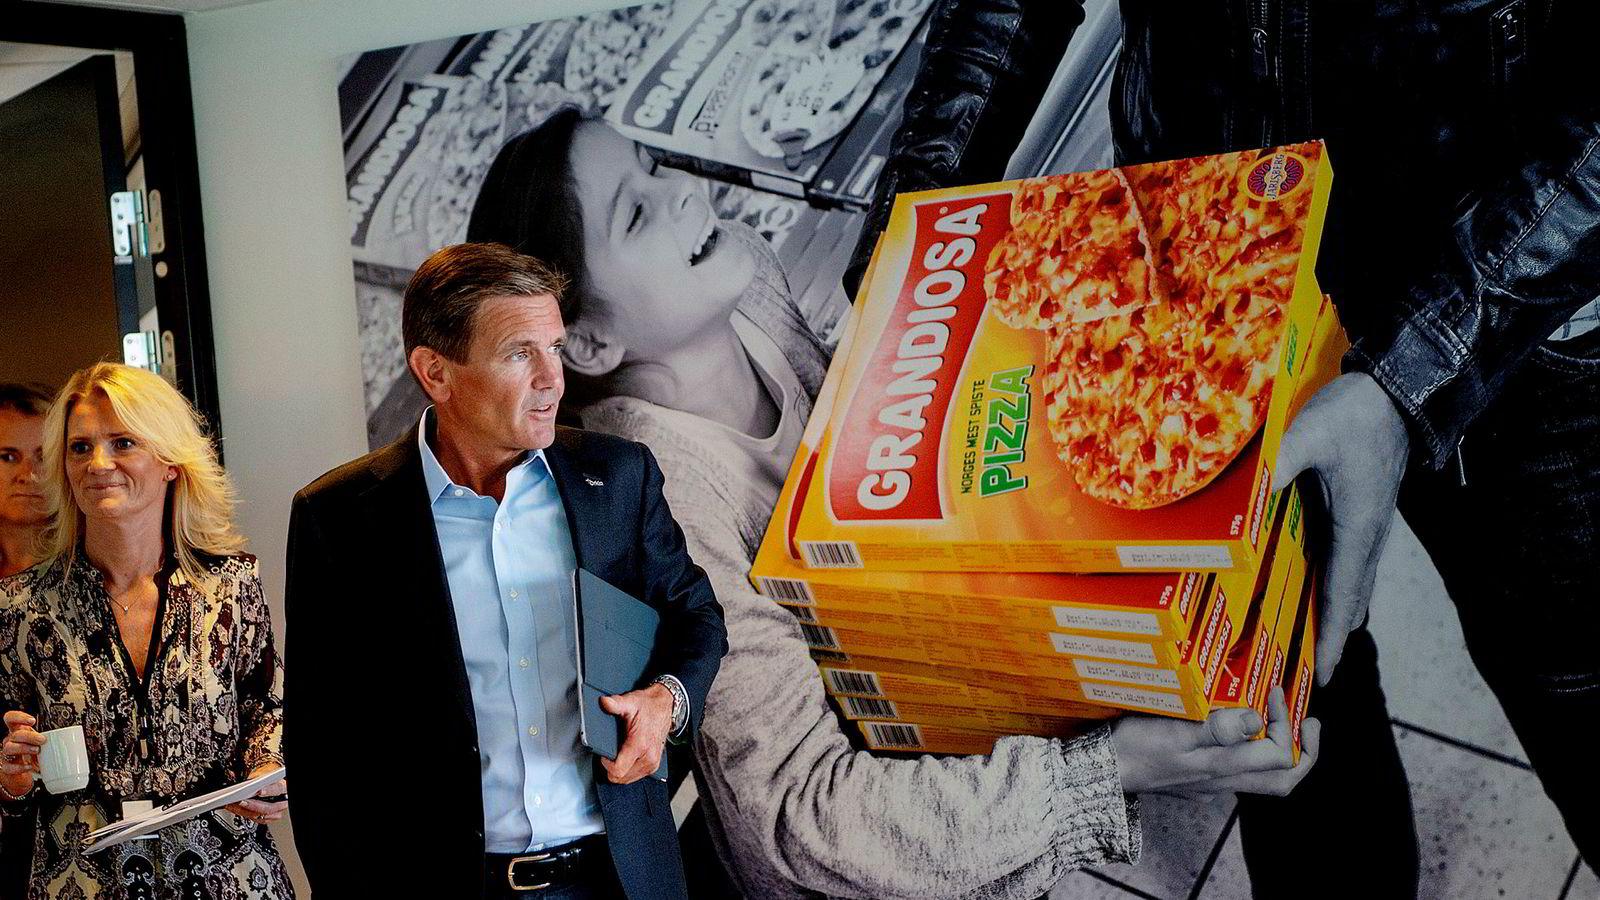 Aksjemarkedet reagerte knallhardt på skuffende resultater fra Orklas konsernsjef Peter A Ruzicka og Ann-Beth Freuchen som blir ny sjef i Orkla Foods, og sendte aksjen ned en av sine største nedturer på 25 år.